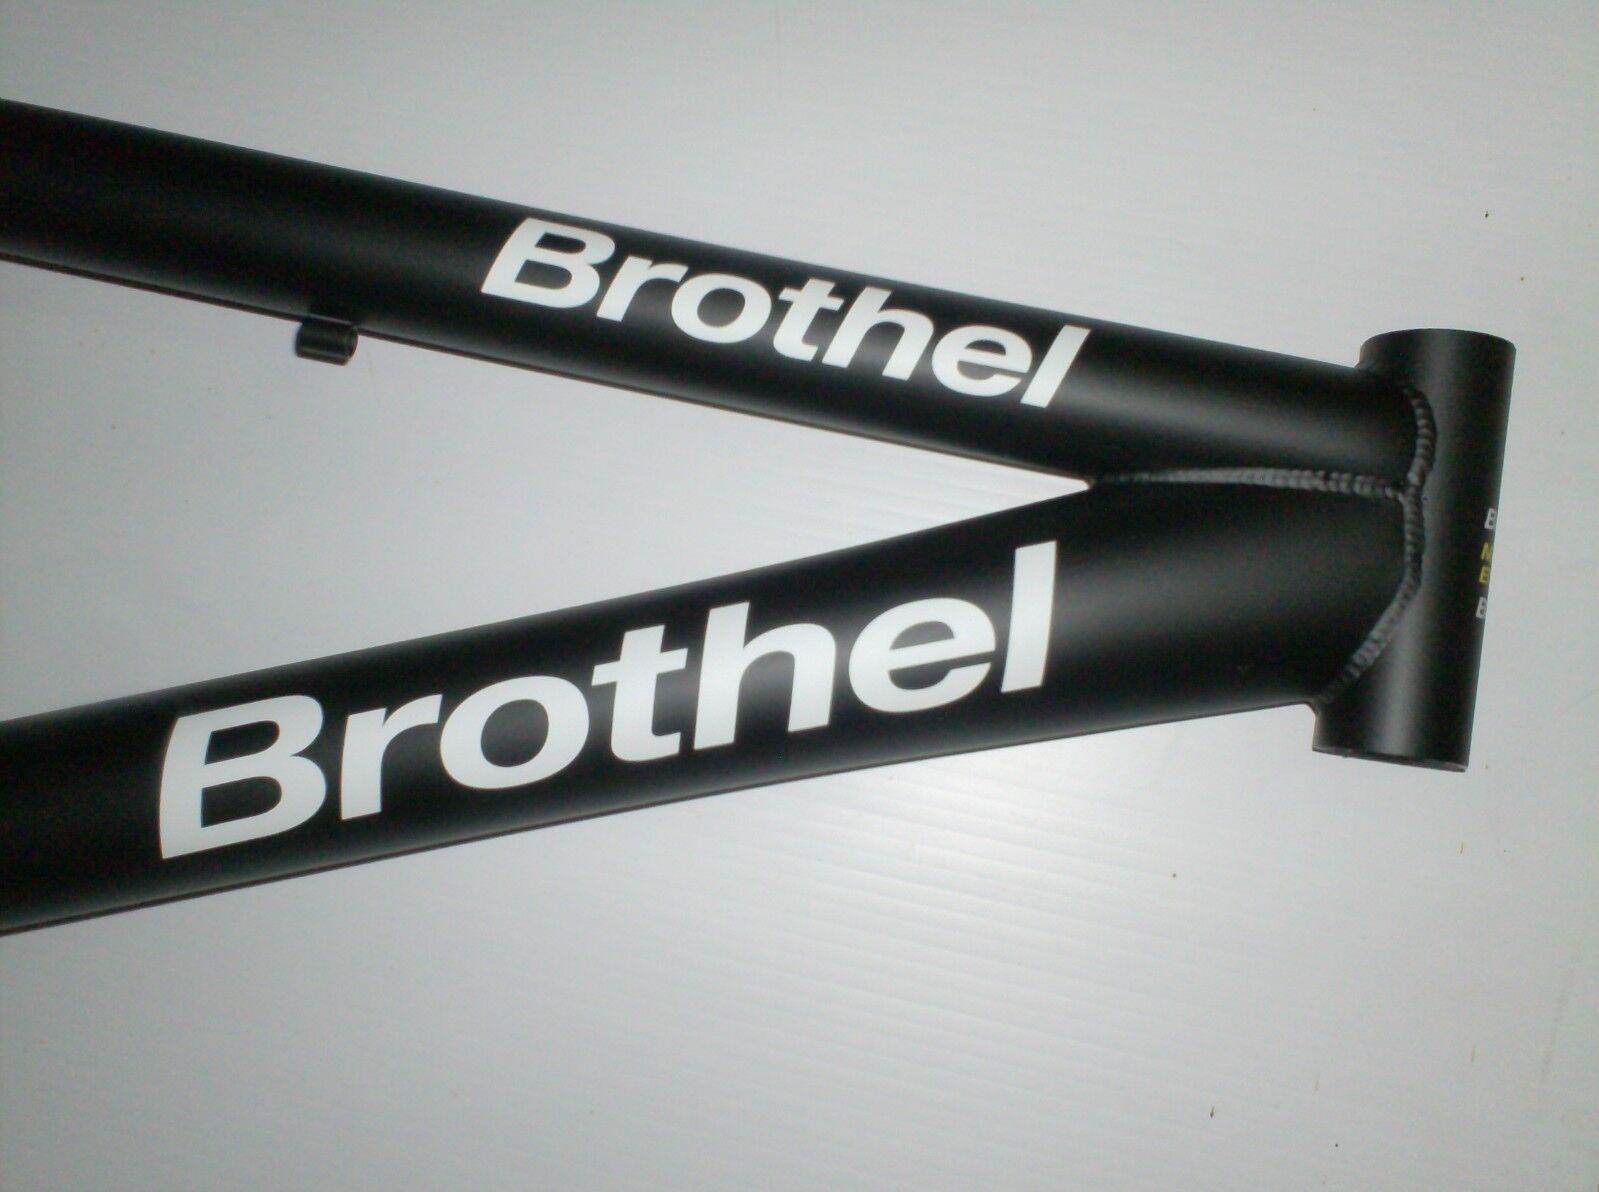 Marco De Bicicleta Bmx burdel M1 Negro-Vintage 2018-Totalmente Nuevo-Hecho En Europa Nuevo